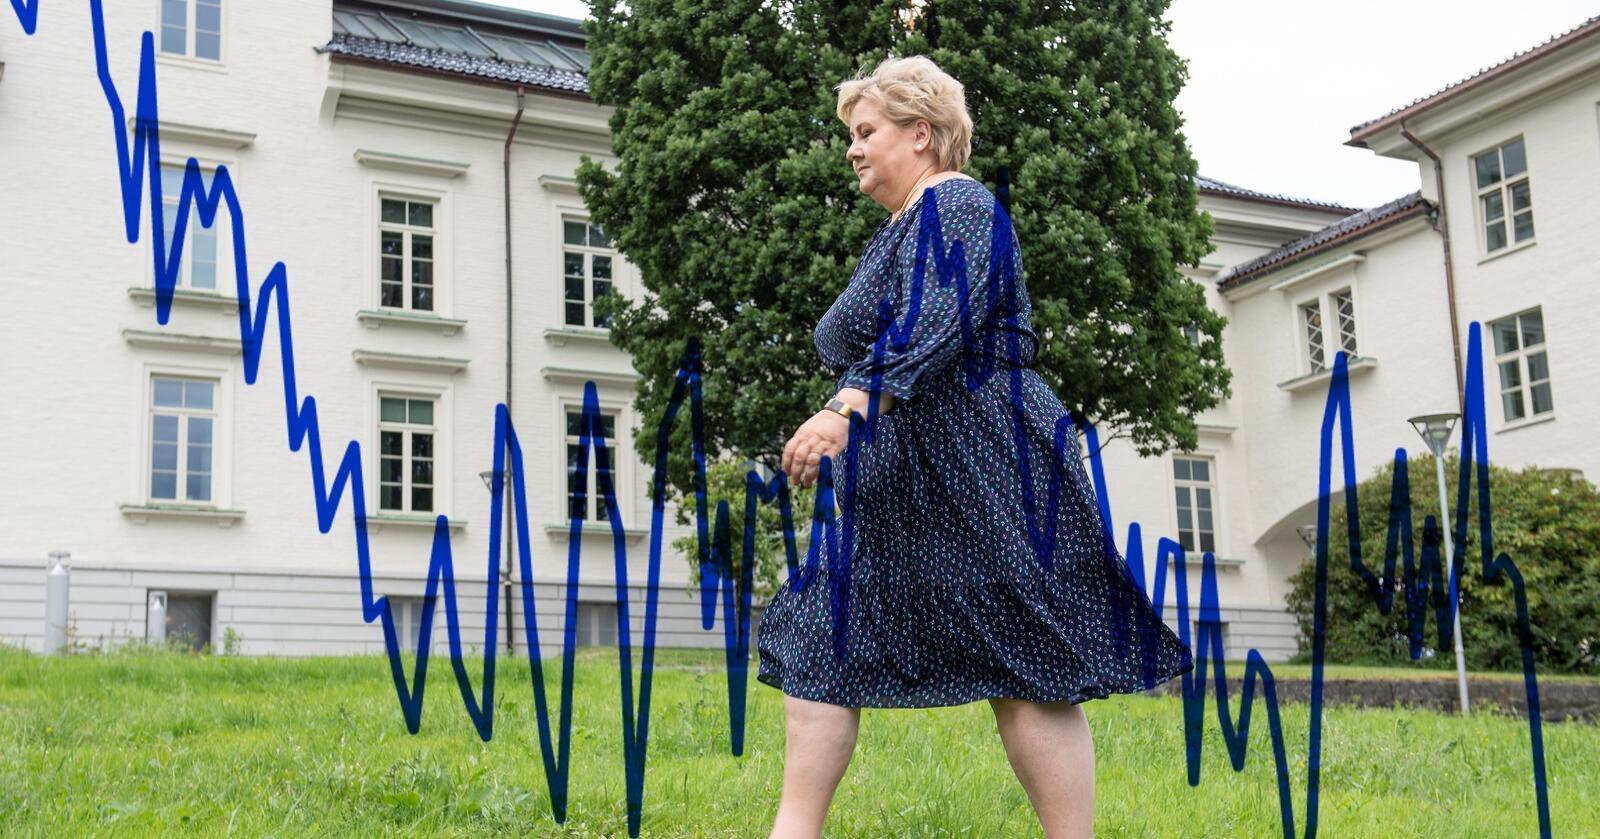 Det går ikke veien for Erna Solberg på Nationens partibarometer for juli 2021. Foto: Marit Hommedal / NTB / Illustrasjon Eskild Johansen / Nationen